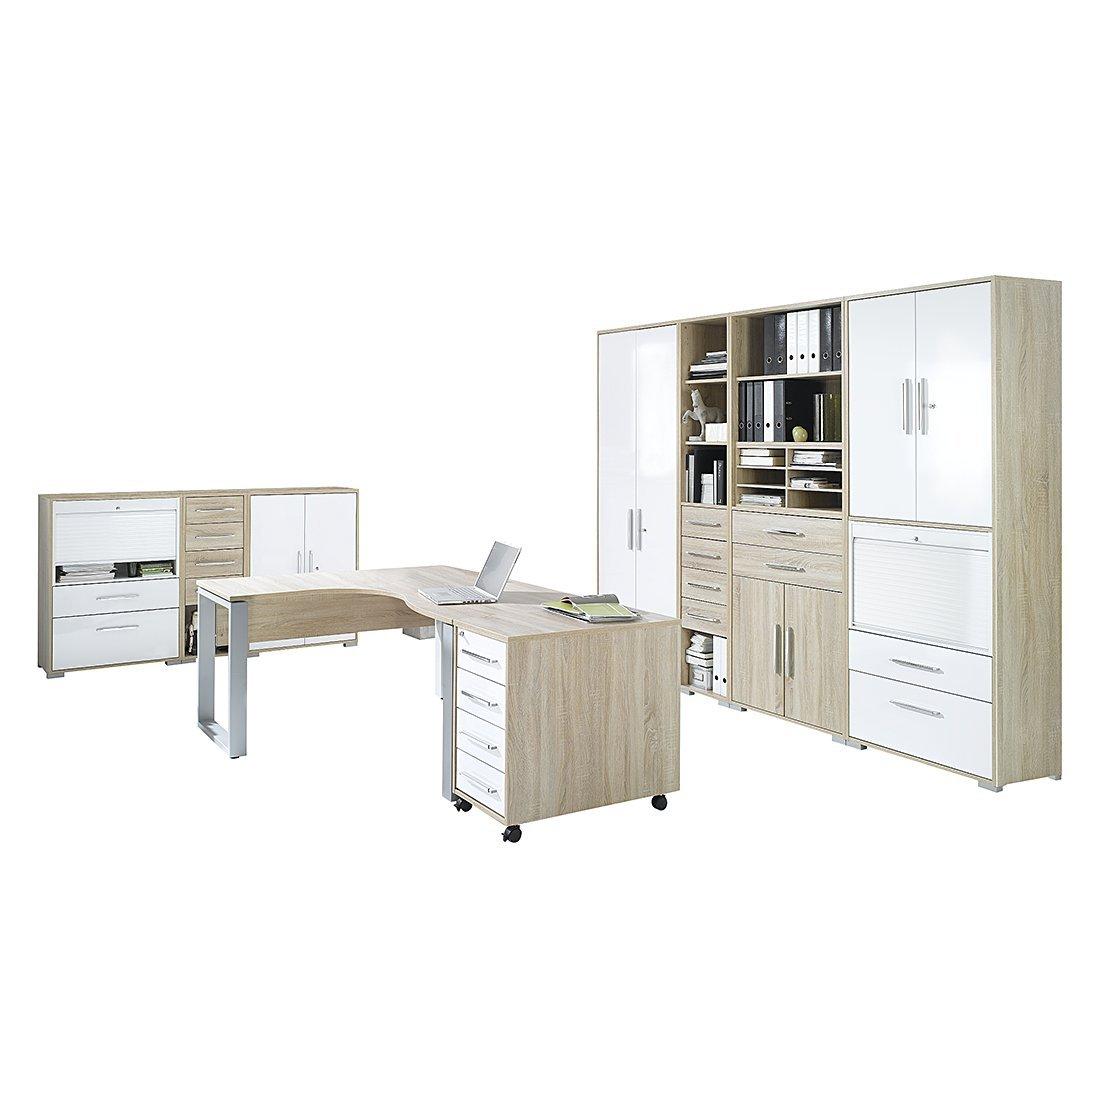 MAJA-Möbel 1210 2556 Büroprogramm SYSTEM, Sonoma-Eiche-Nachbildung - weiß Hochglanz